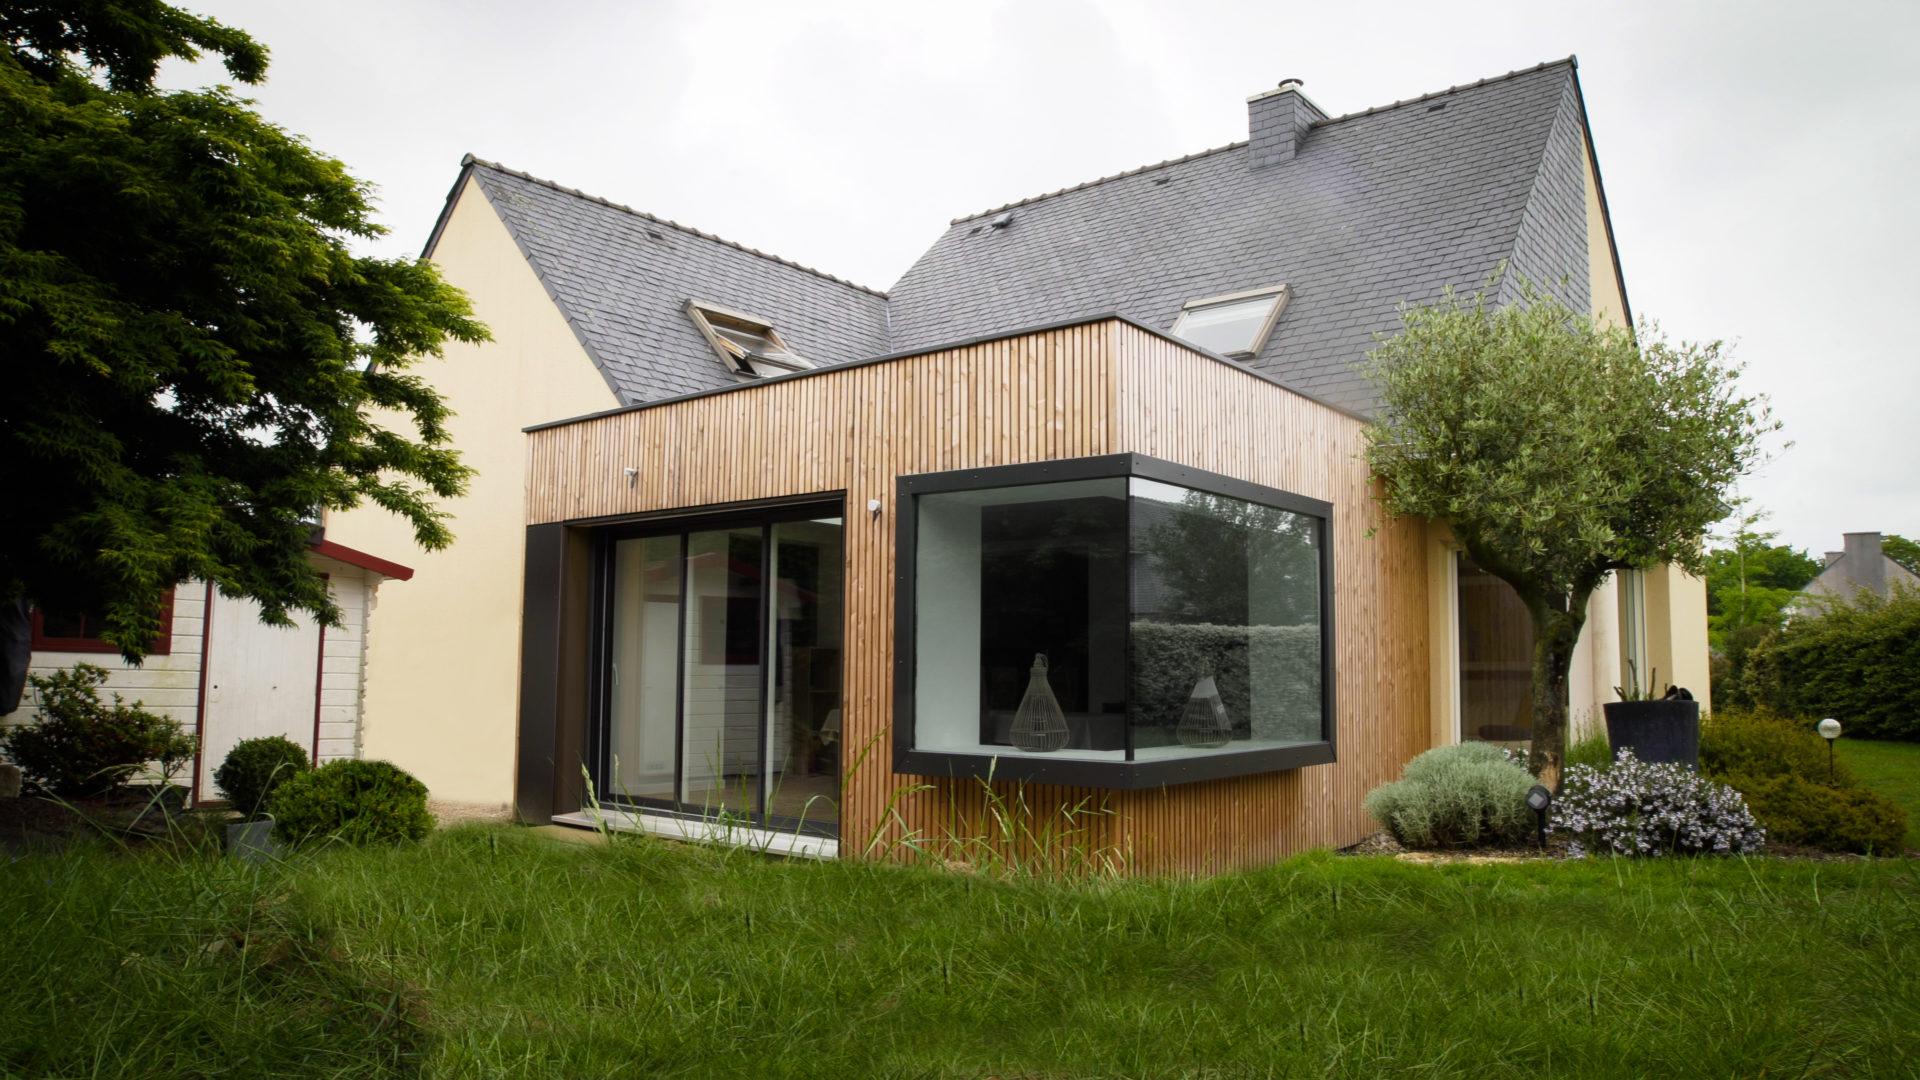 Constructeur Maison Toulouse Prix extenbois connaît un succès croissant de ses extensions bois